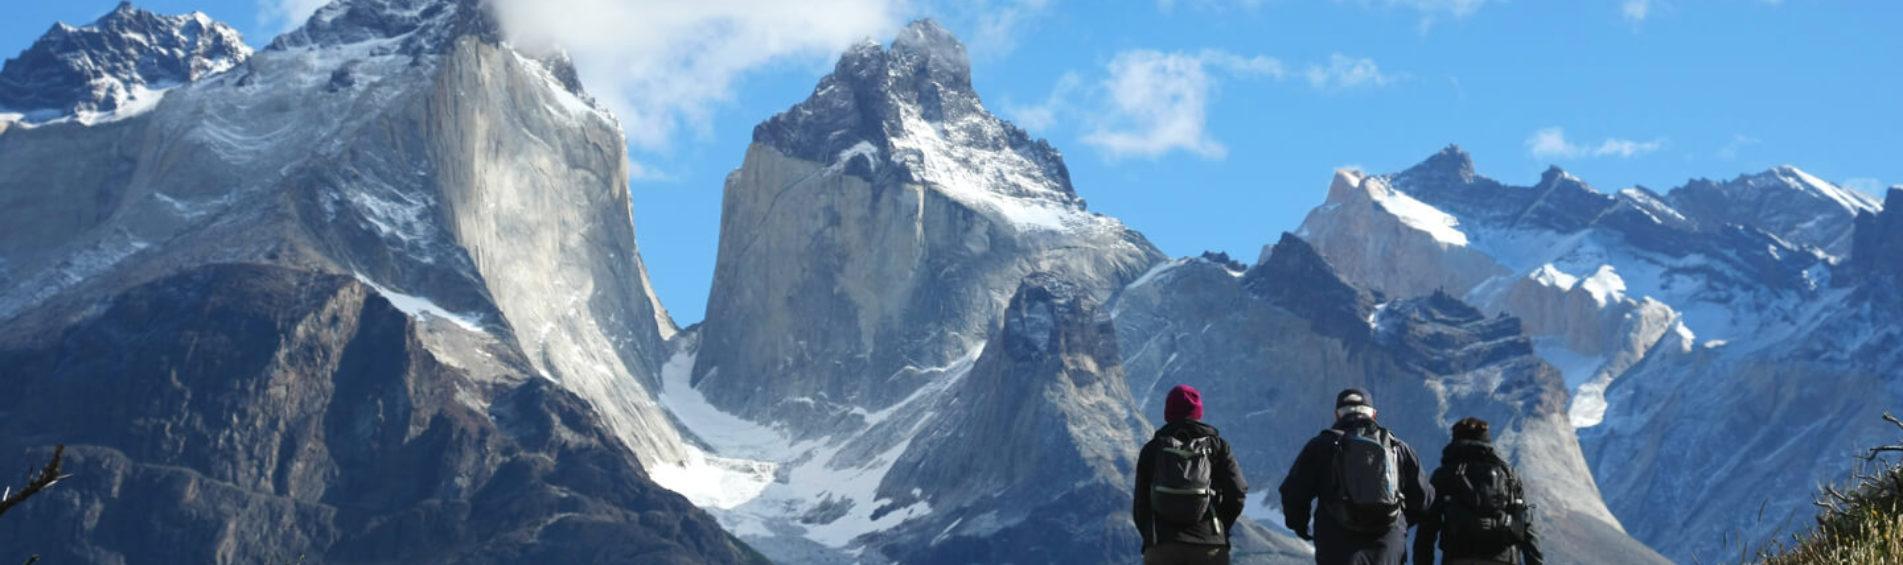 Randonnées et trekking au parc Torres del Paine